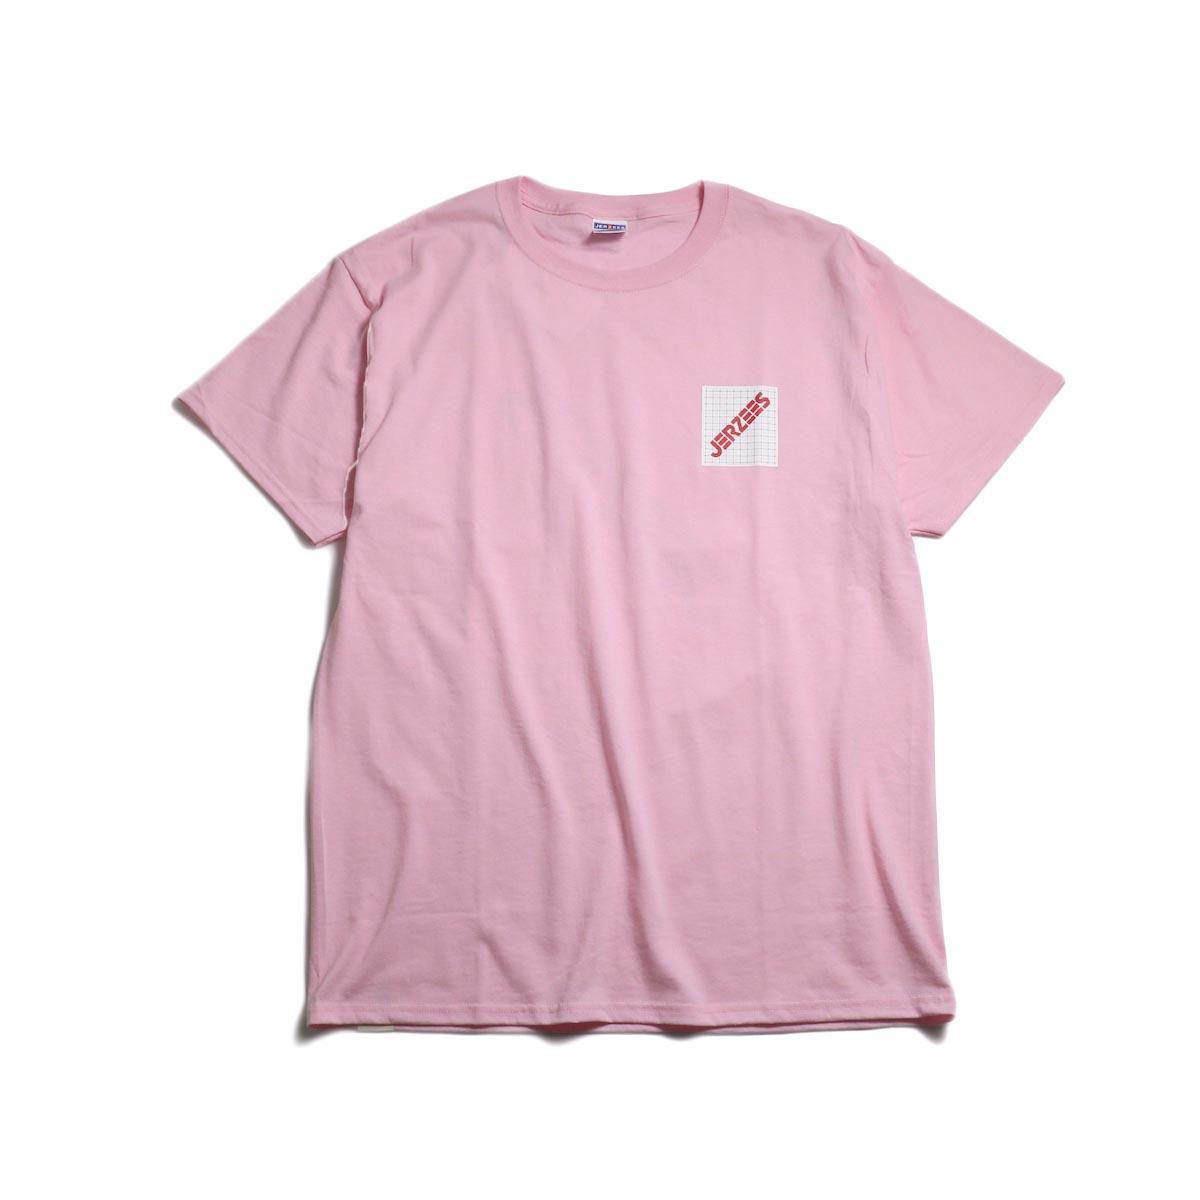 N.HOOLYWOOD × JERZEES  / 191-CS44-070 Short Sleeve Tee -Pink 正面